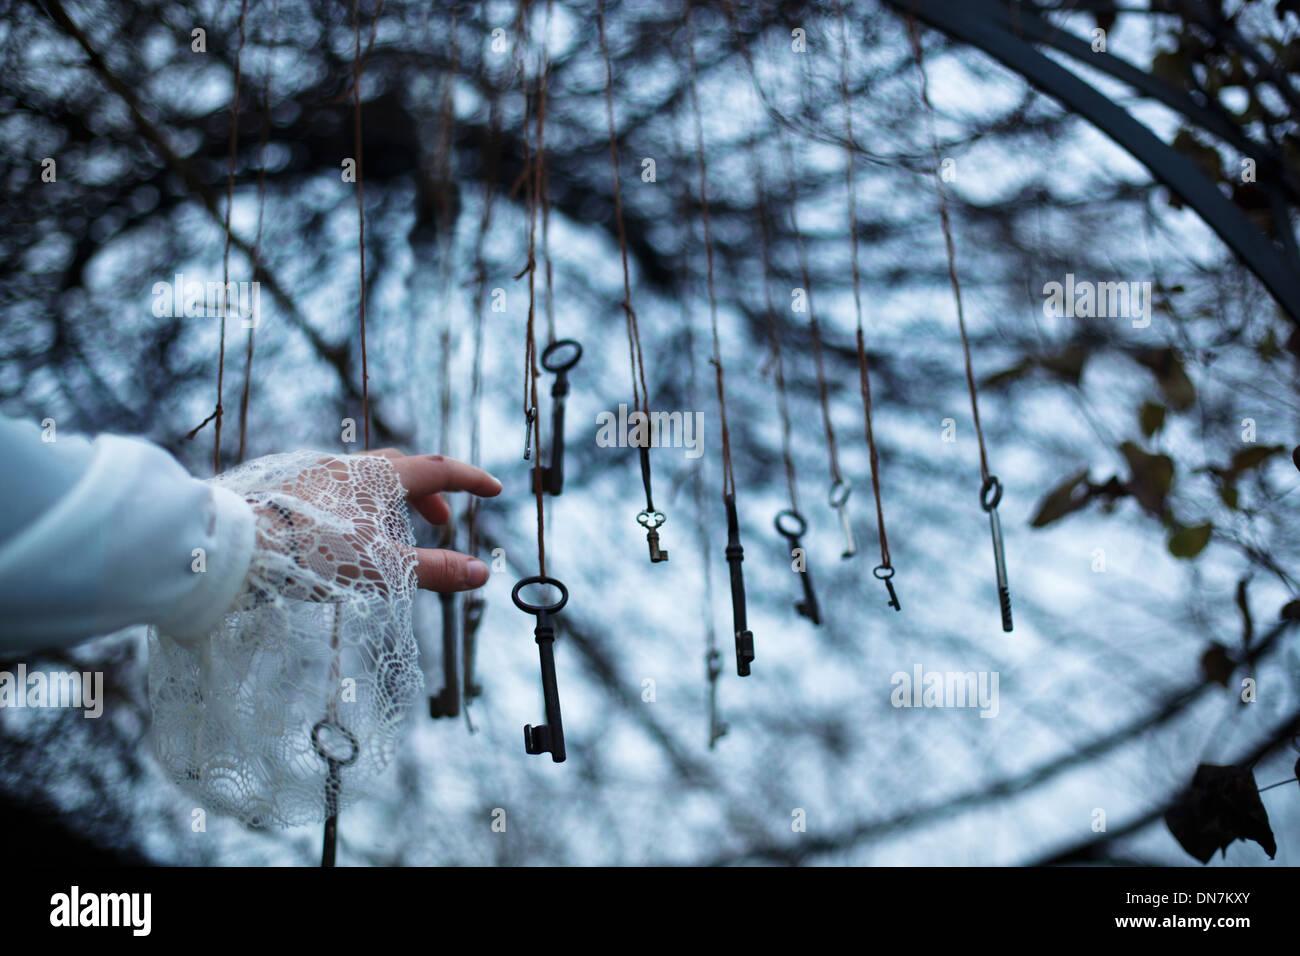 Frau greift nach Schlüssel in einem Baum Stockbild